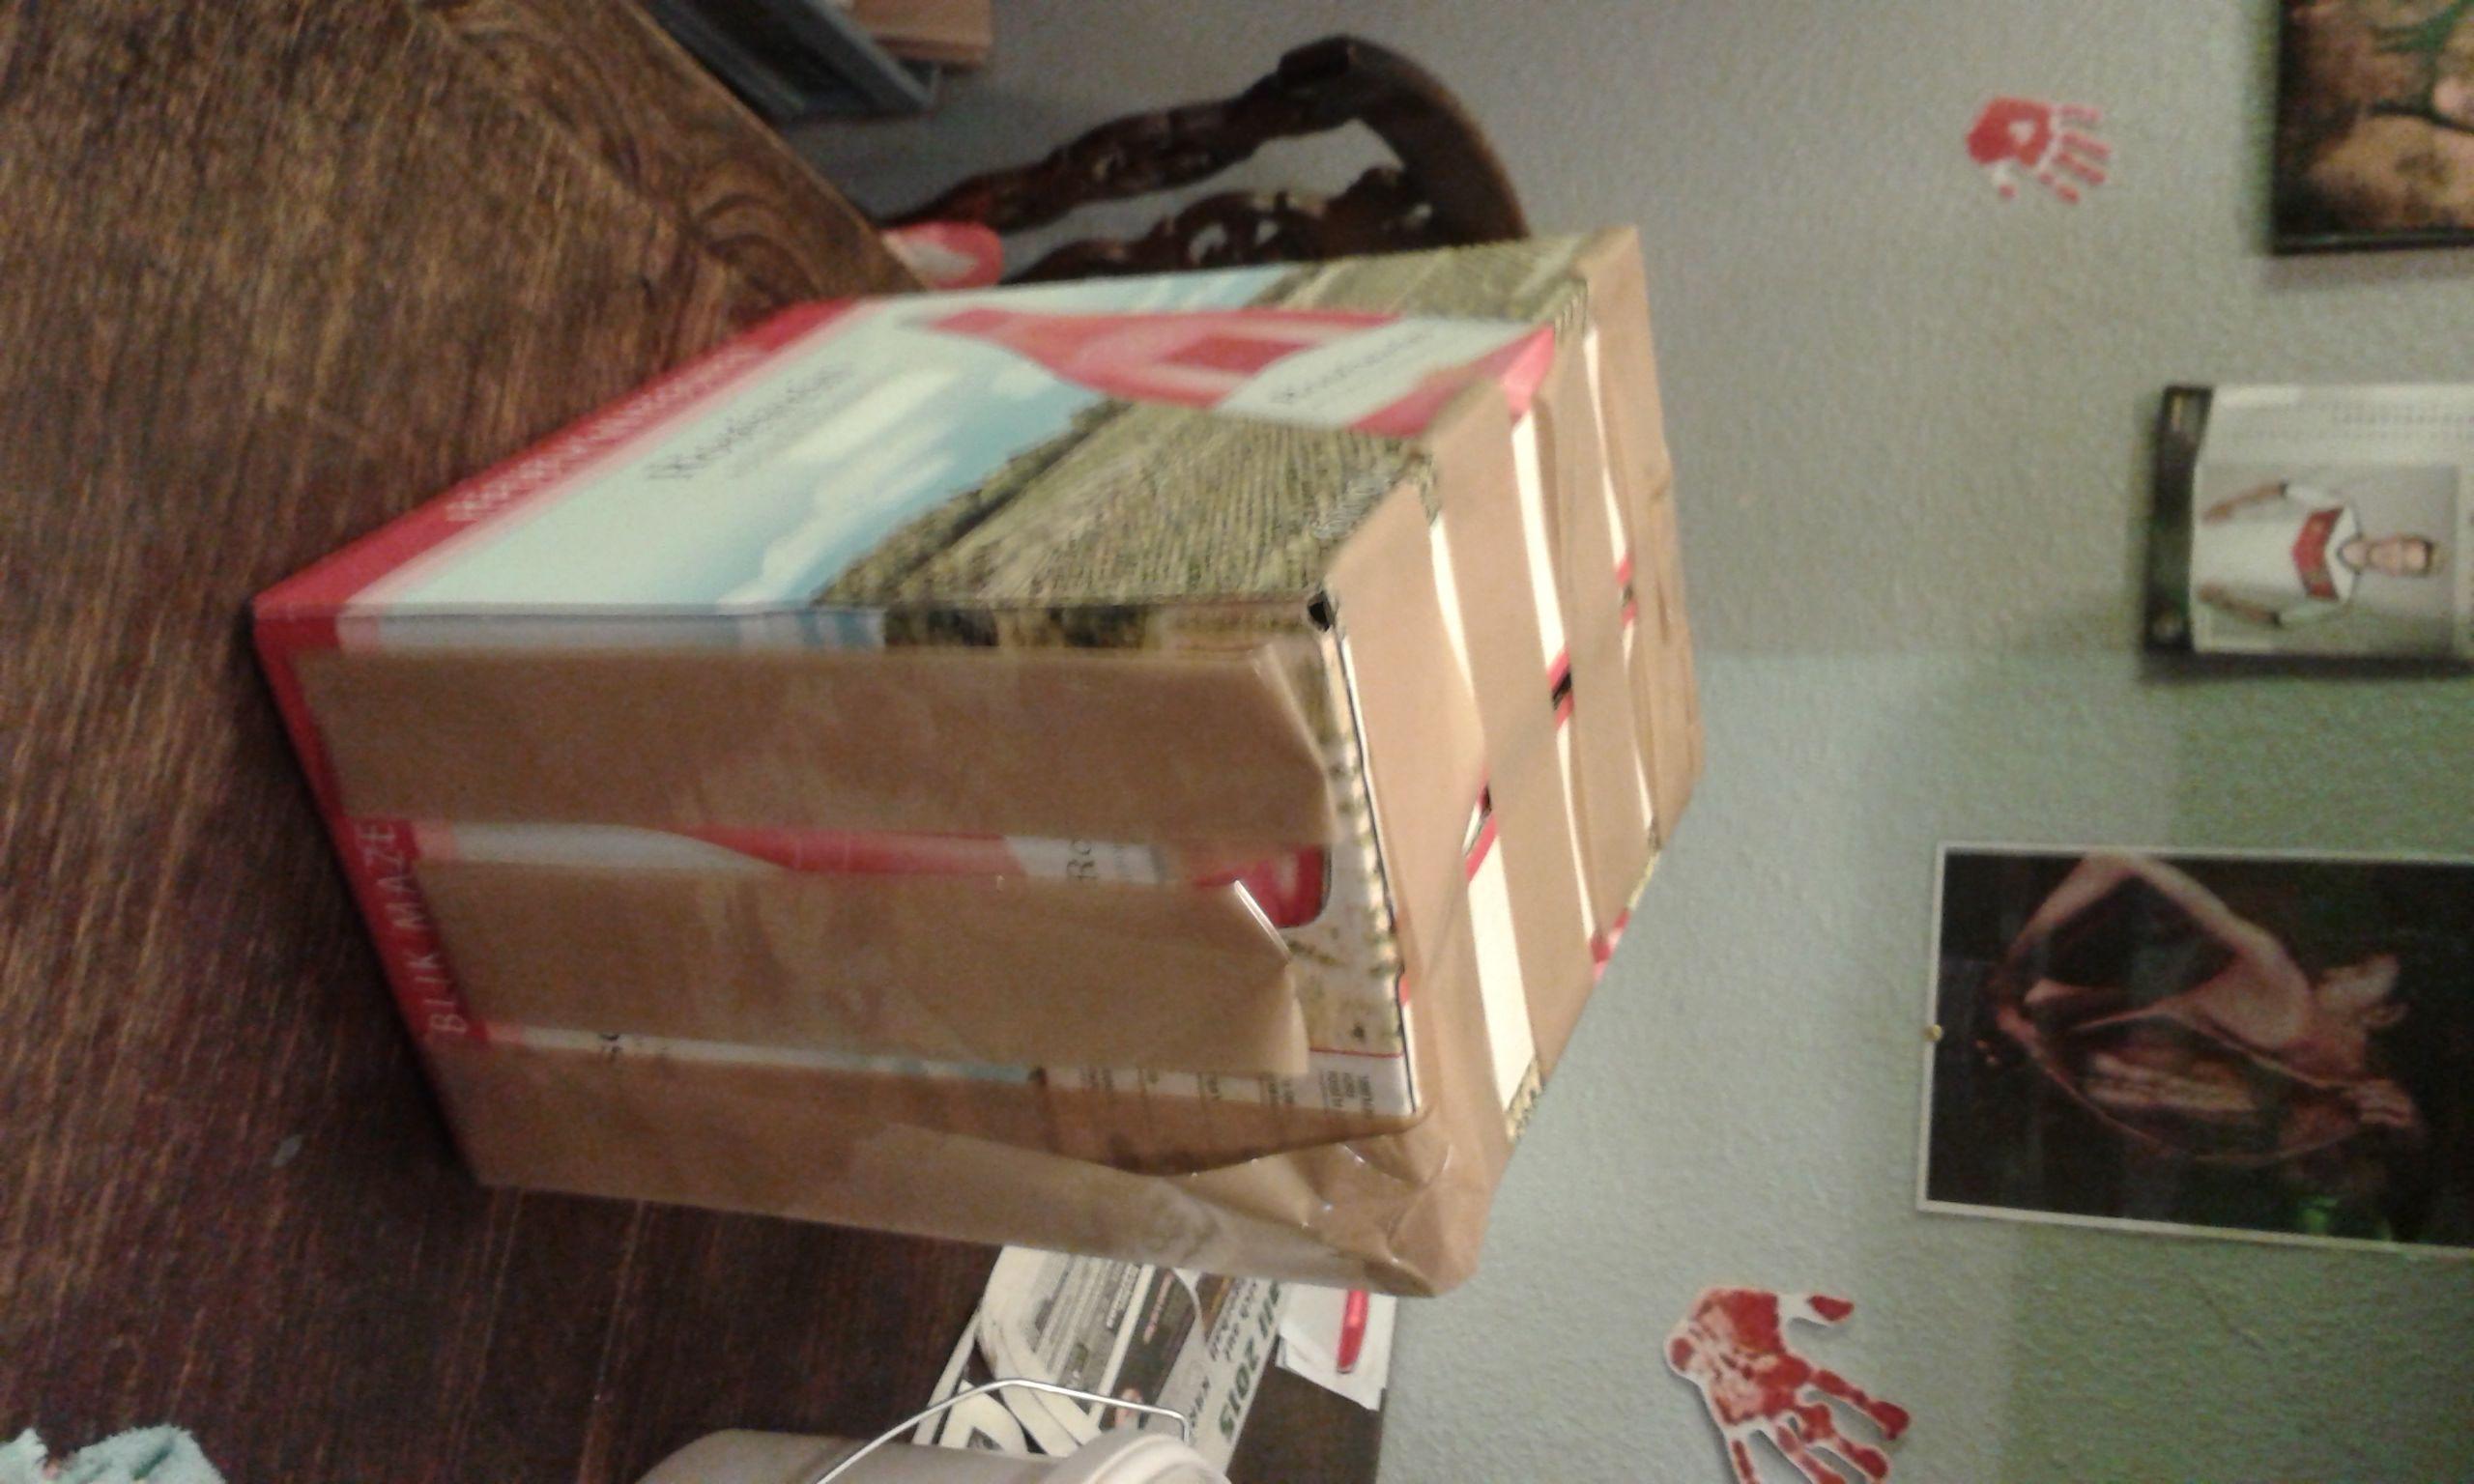 Felsen Aus Karton Und Pappmache Karton Pappe Und Pappmache